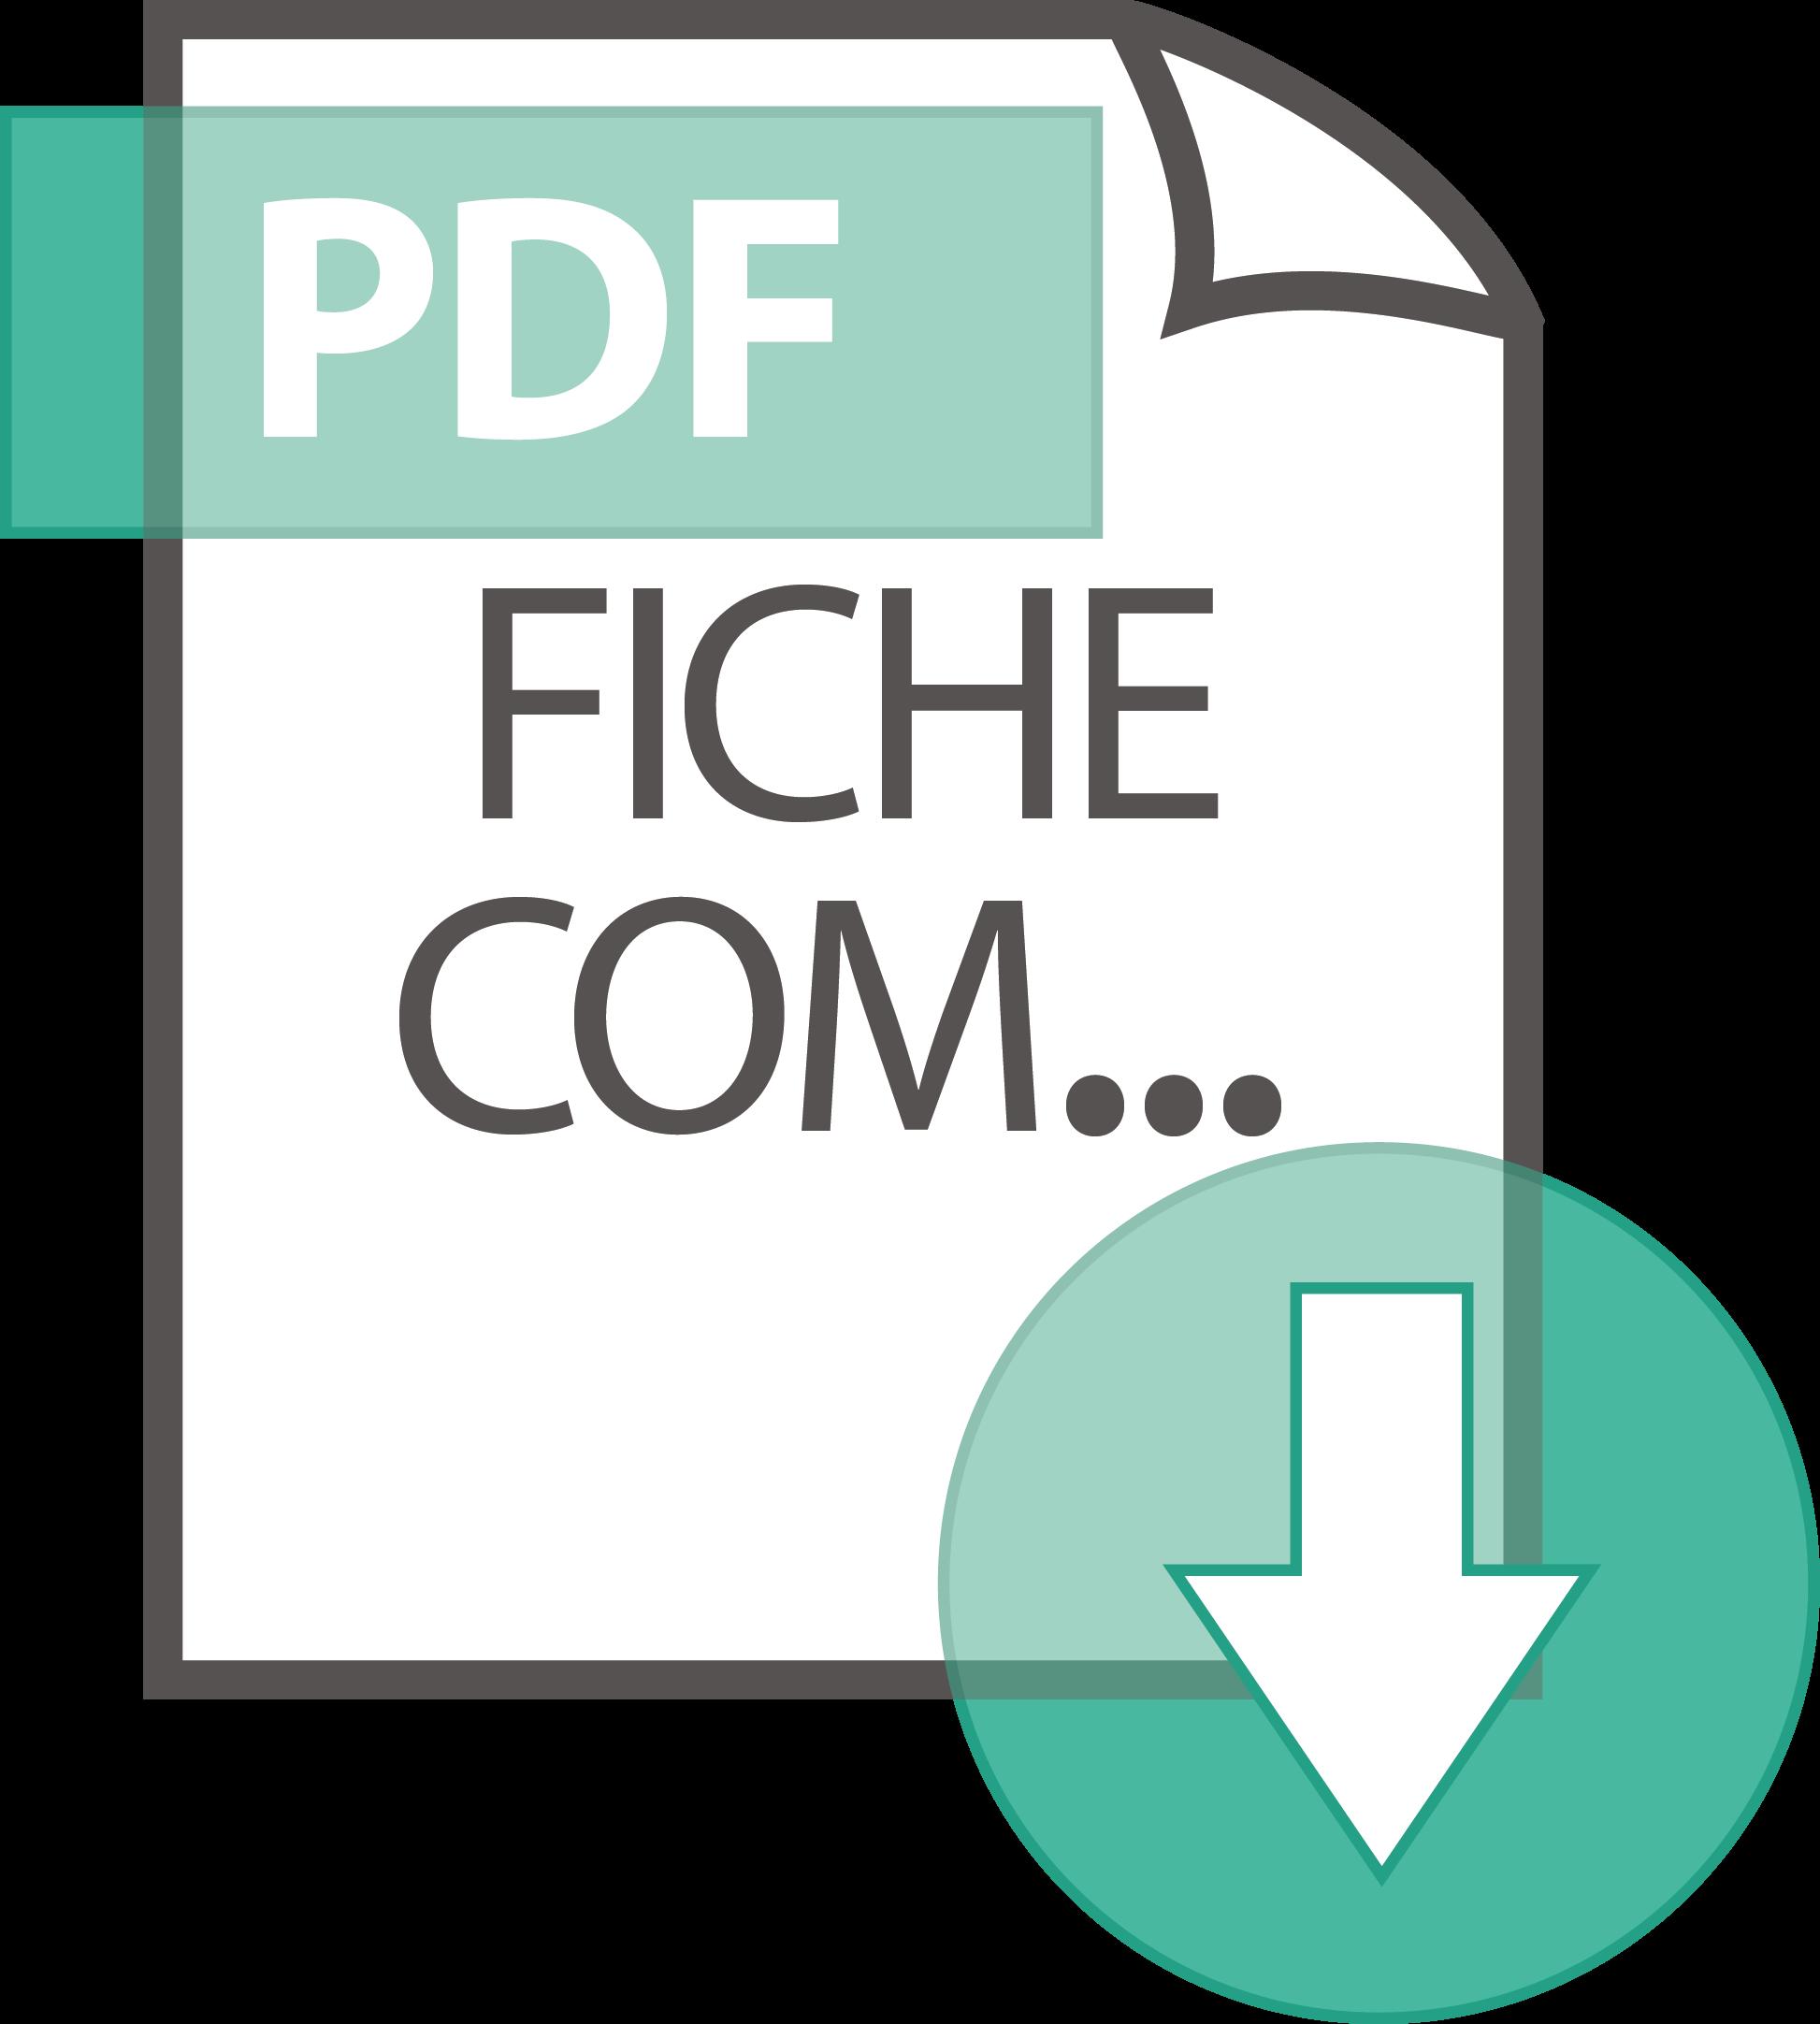 Fiche_Commerciale_0003.png